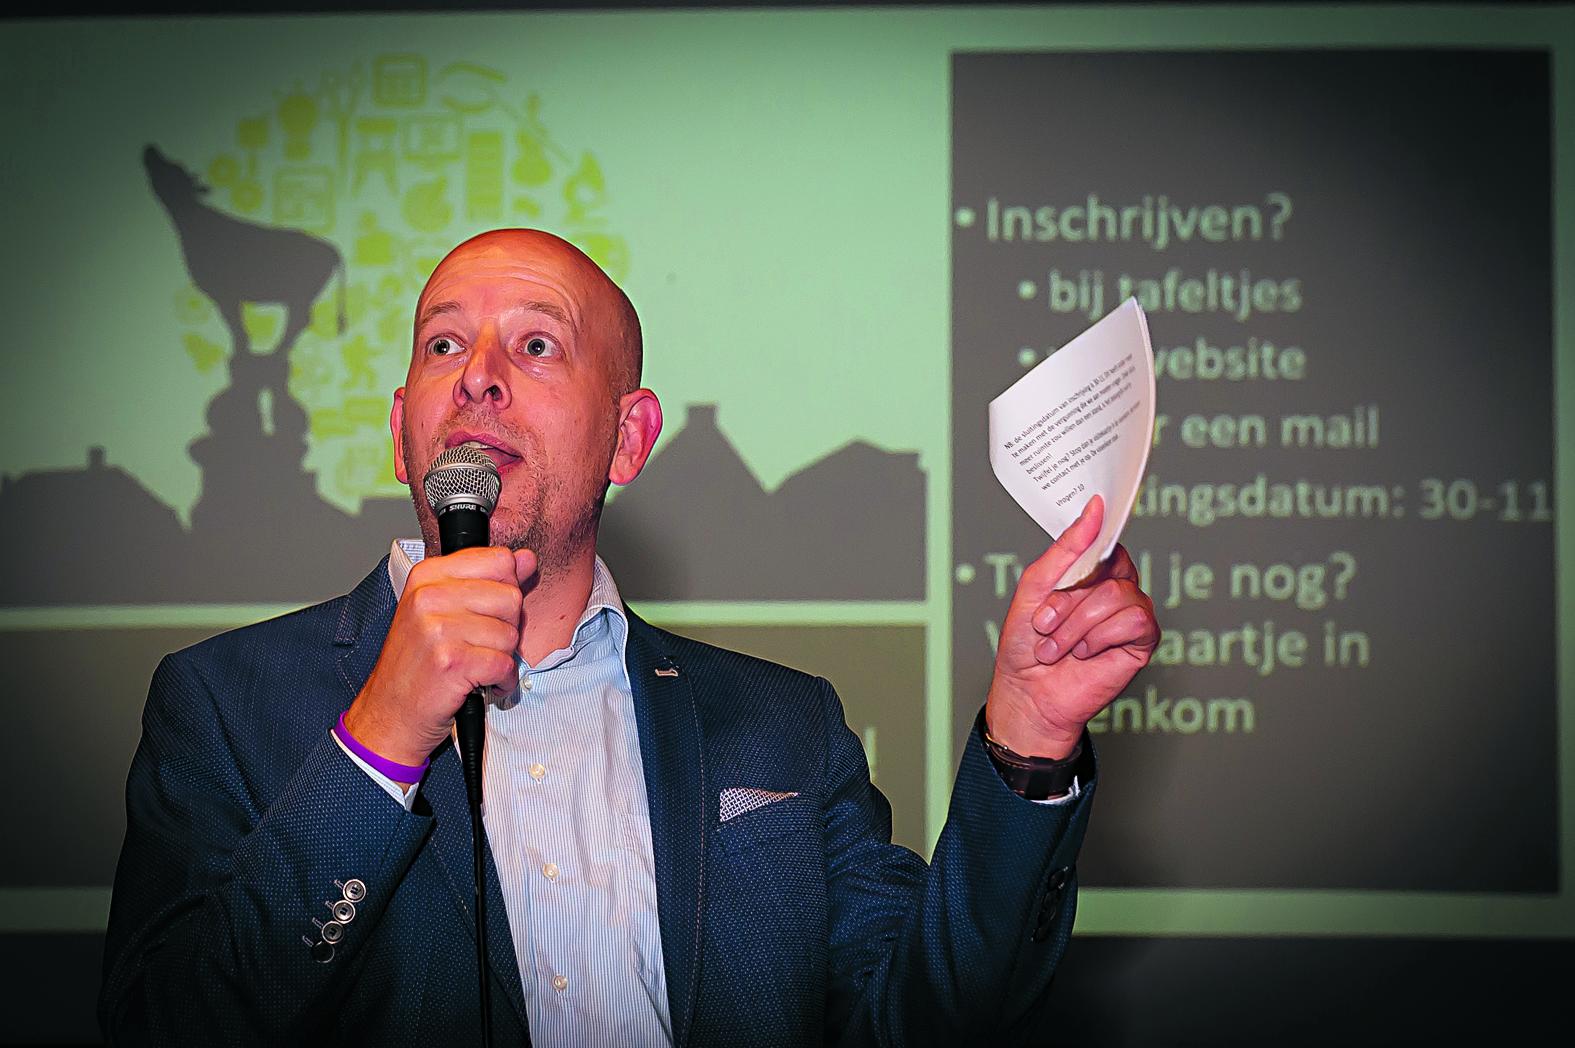 """Thierry van der Weide: """"Het mooie is dat nu iedereen zoiets heeft van we moeten erbij zijn."""" (Foto: Han Giskes)  rodi.nl © rodi"""